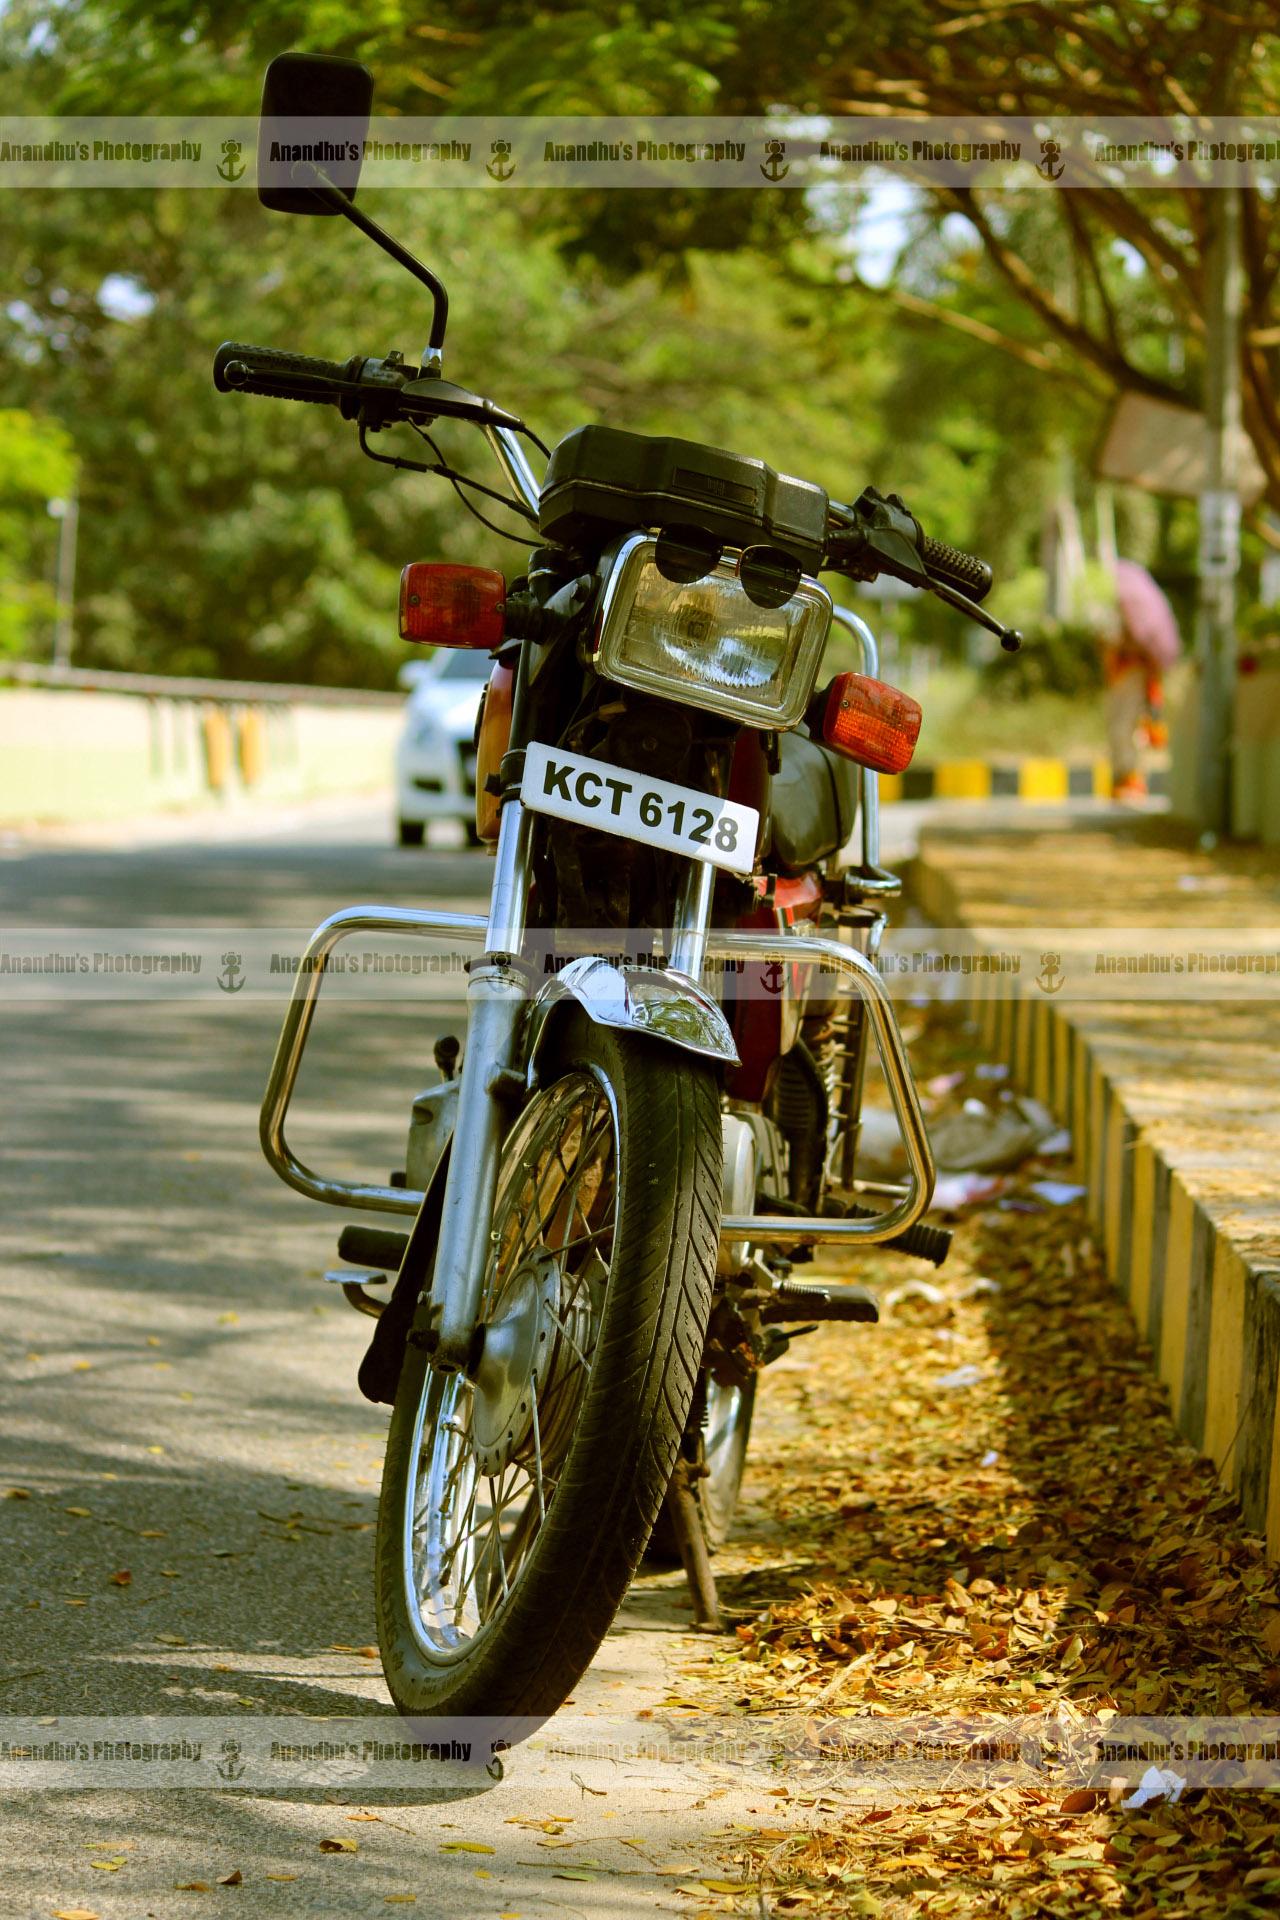 Kawasaki KB100 RTZ - Wikipedia